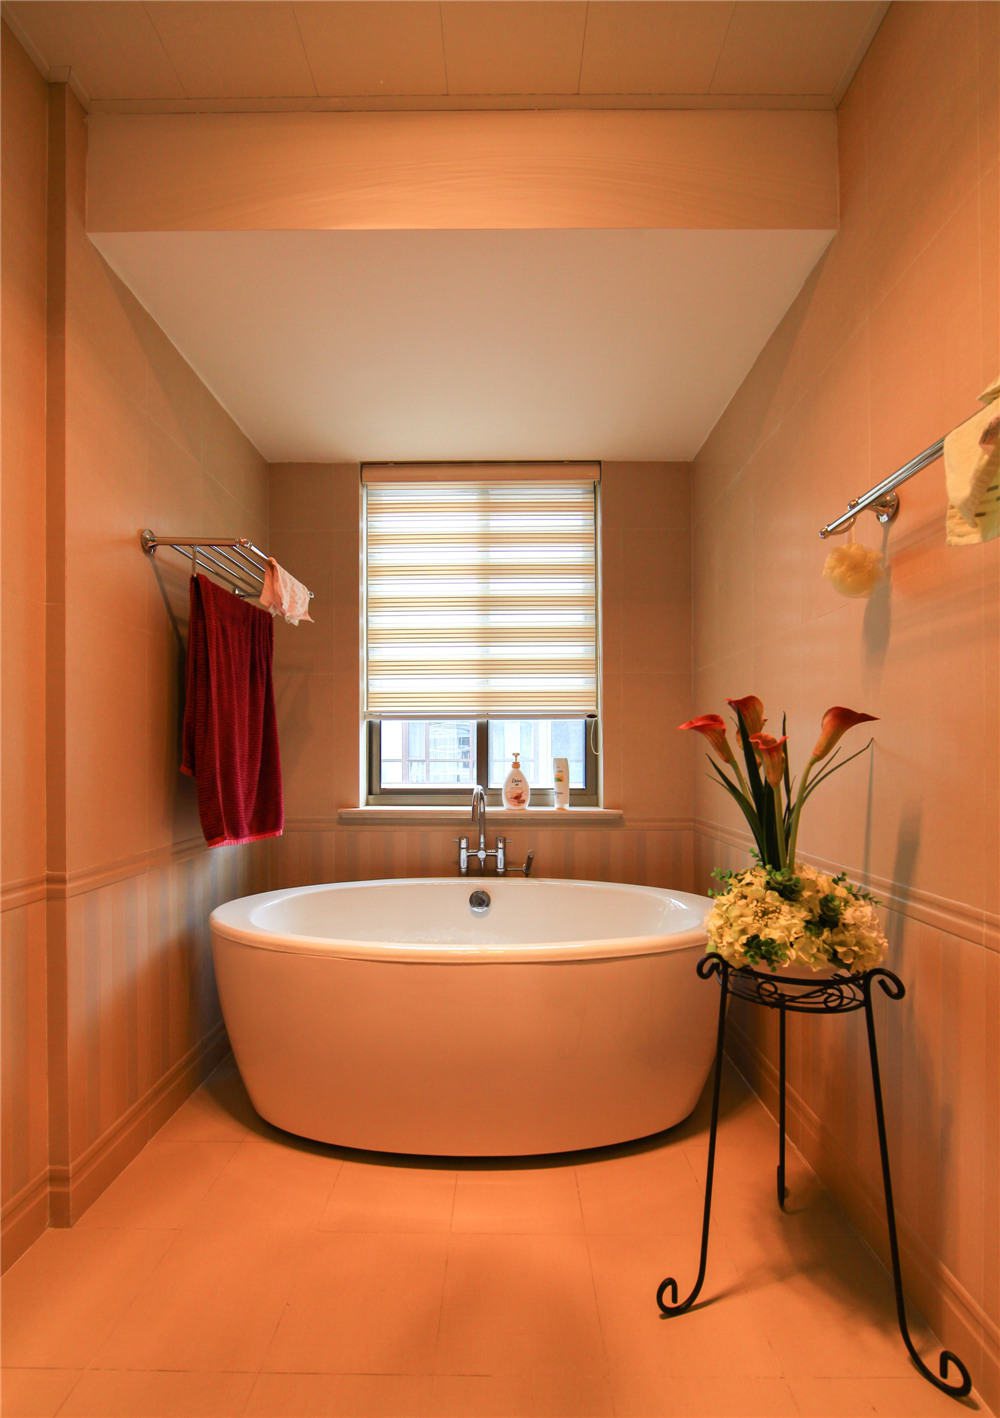 欧式 别墅 装修 奥邦装饰 陆健美 卫生间图片来自上海奥邦装饰在别墅装修欧式风格实景展示!的分享